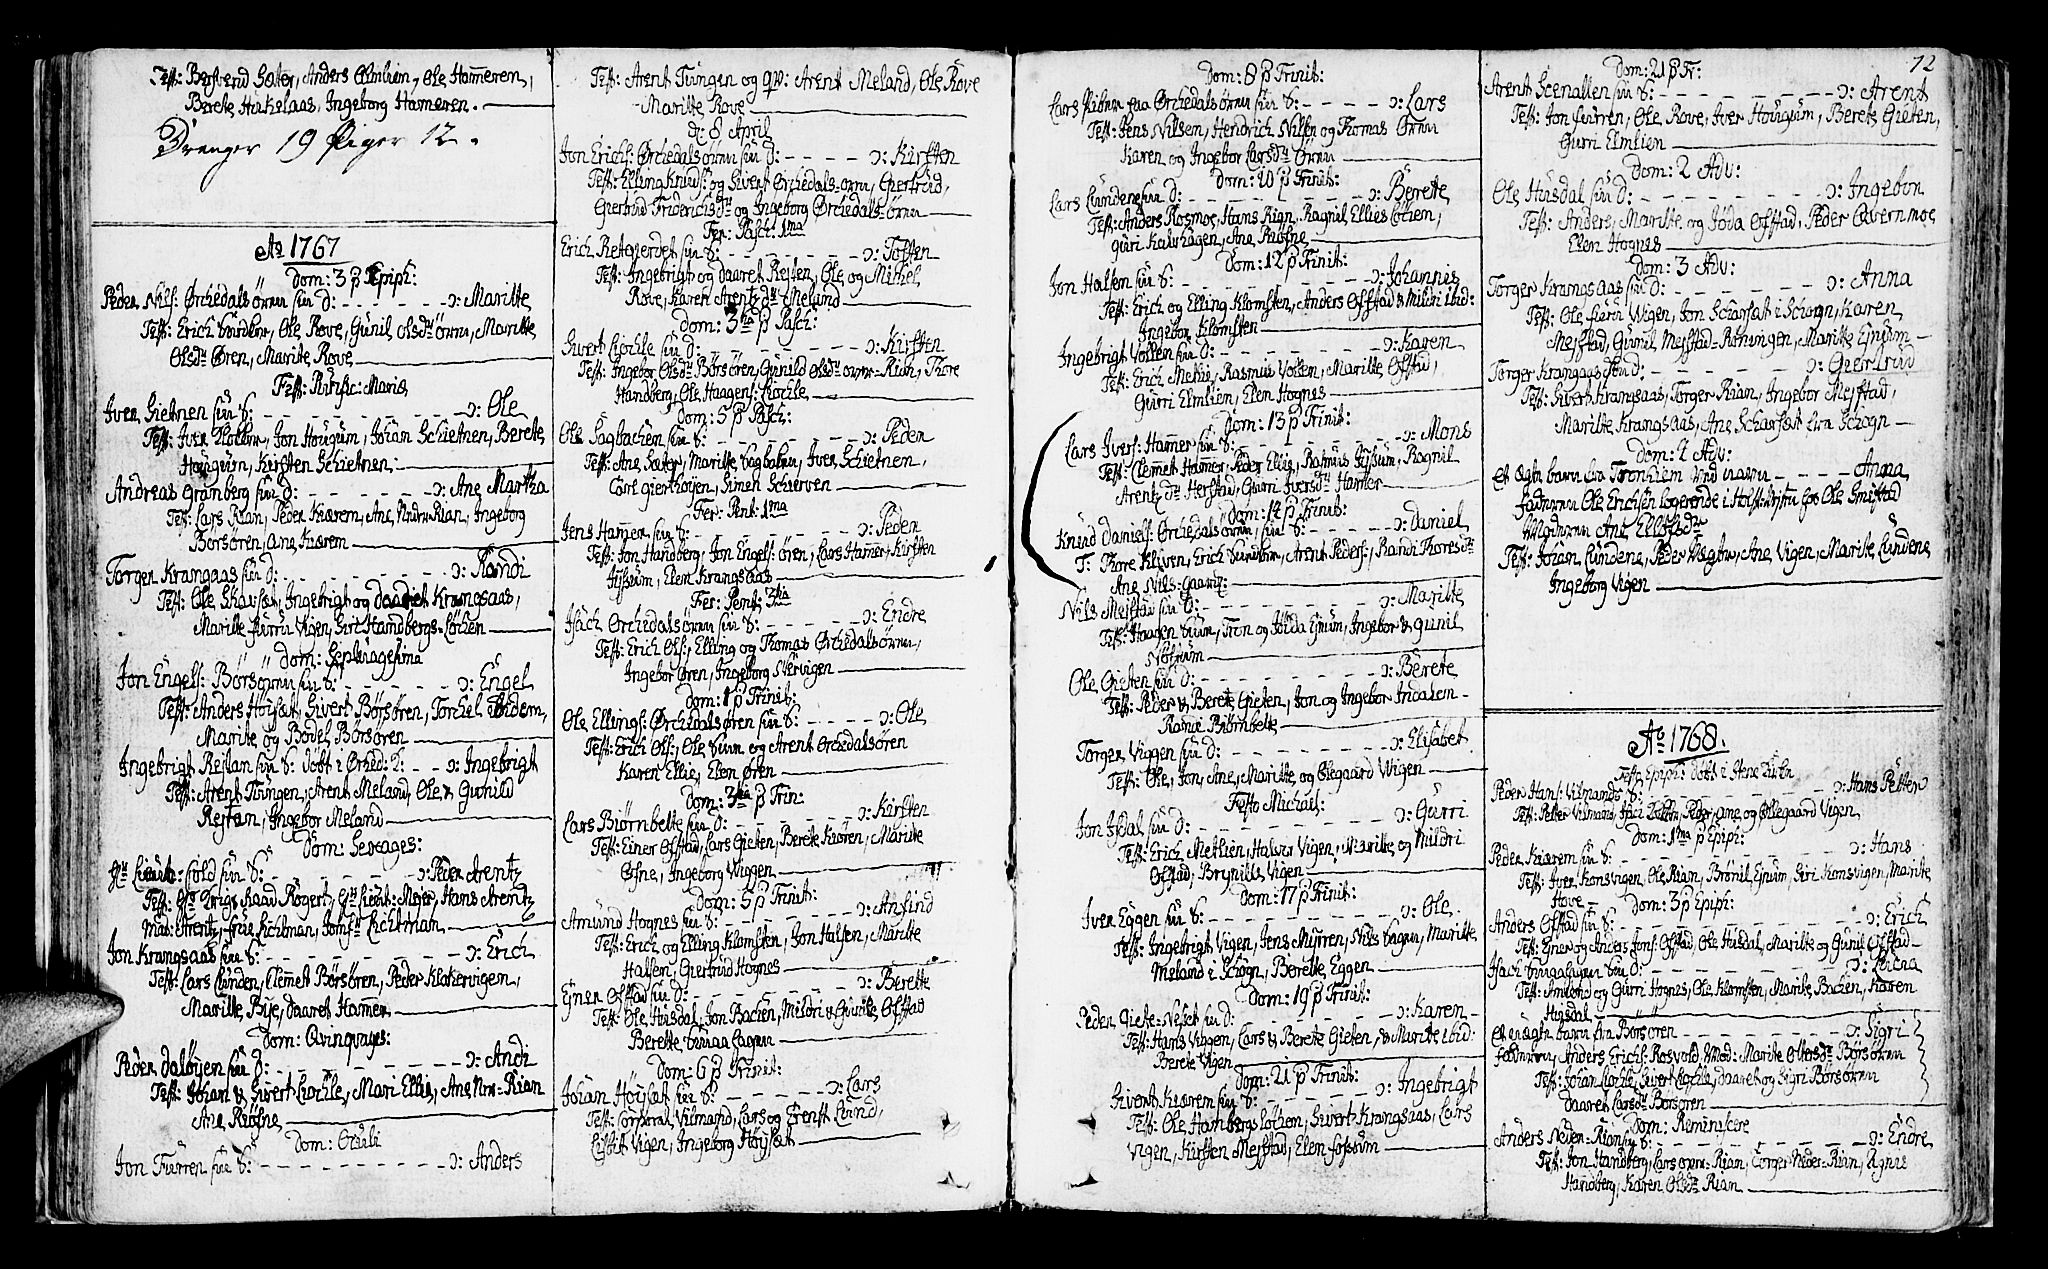 SAT, Ministerialprotokoller, klokkerbøker og fødselsregistre - Sør-Trøndelag, 665/L0768: Ministerialbok nr. 665A03, 1754-1803, s. 72